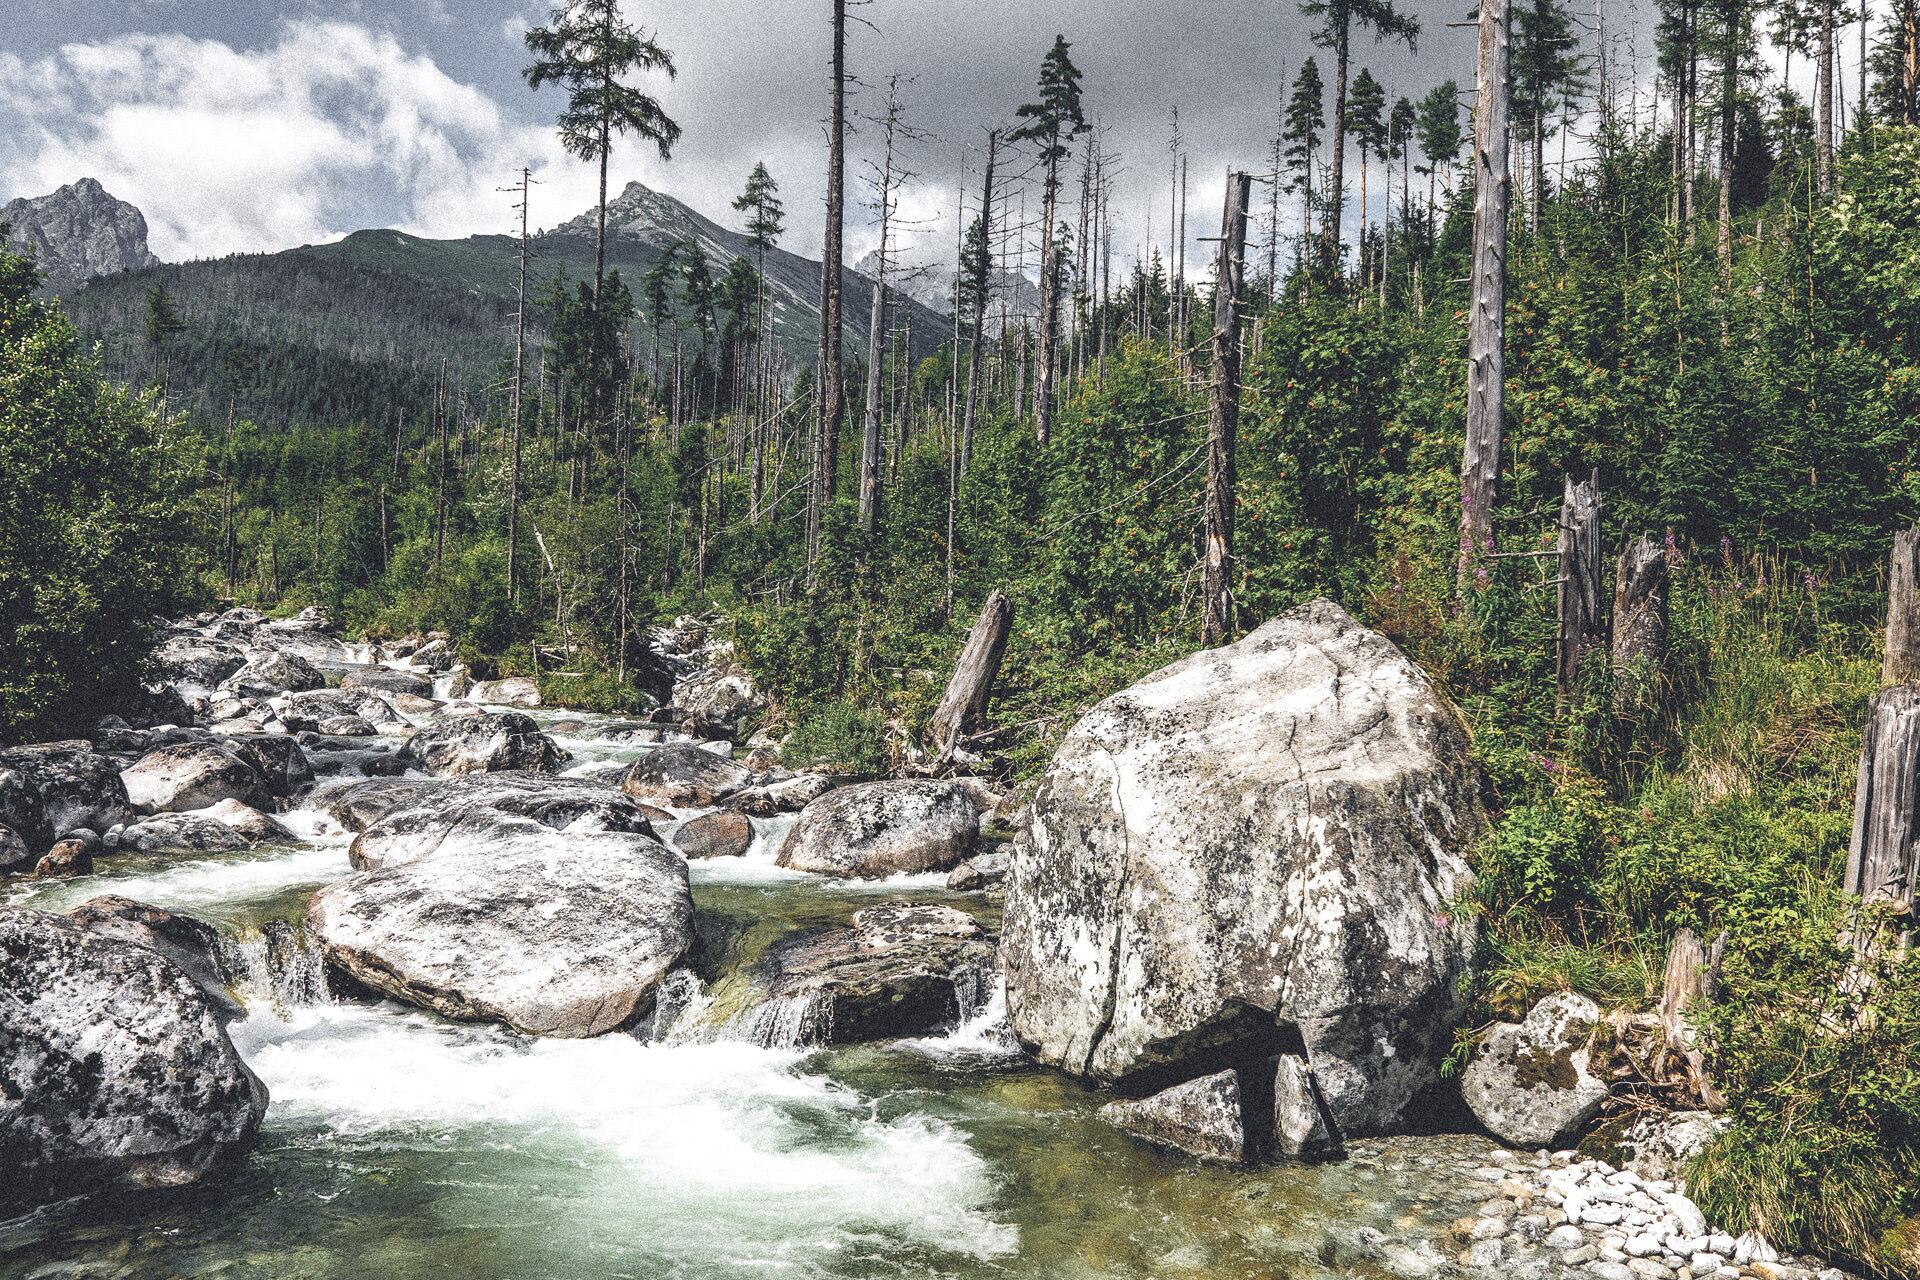 Wilde Romantik in der Hohen Tatra, Slowakei